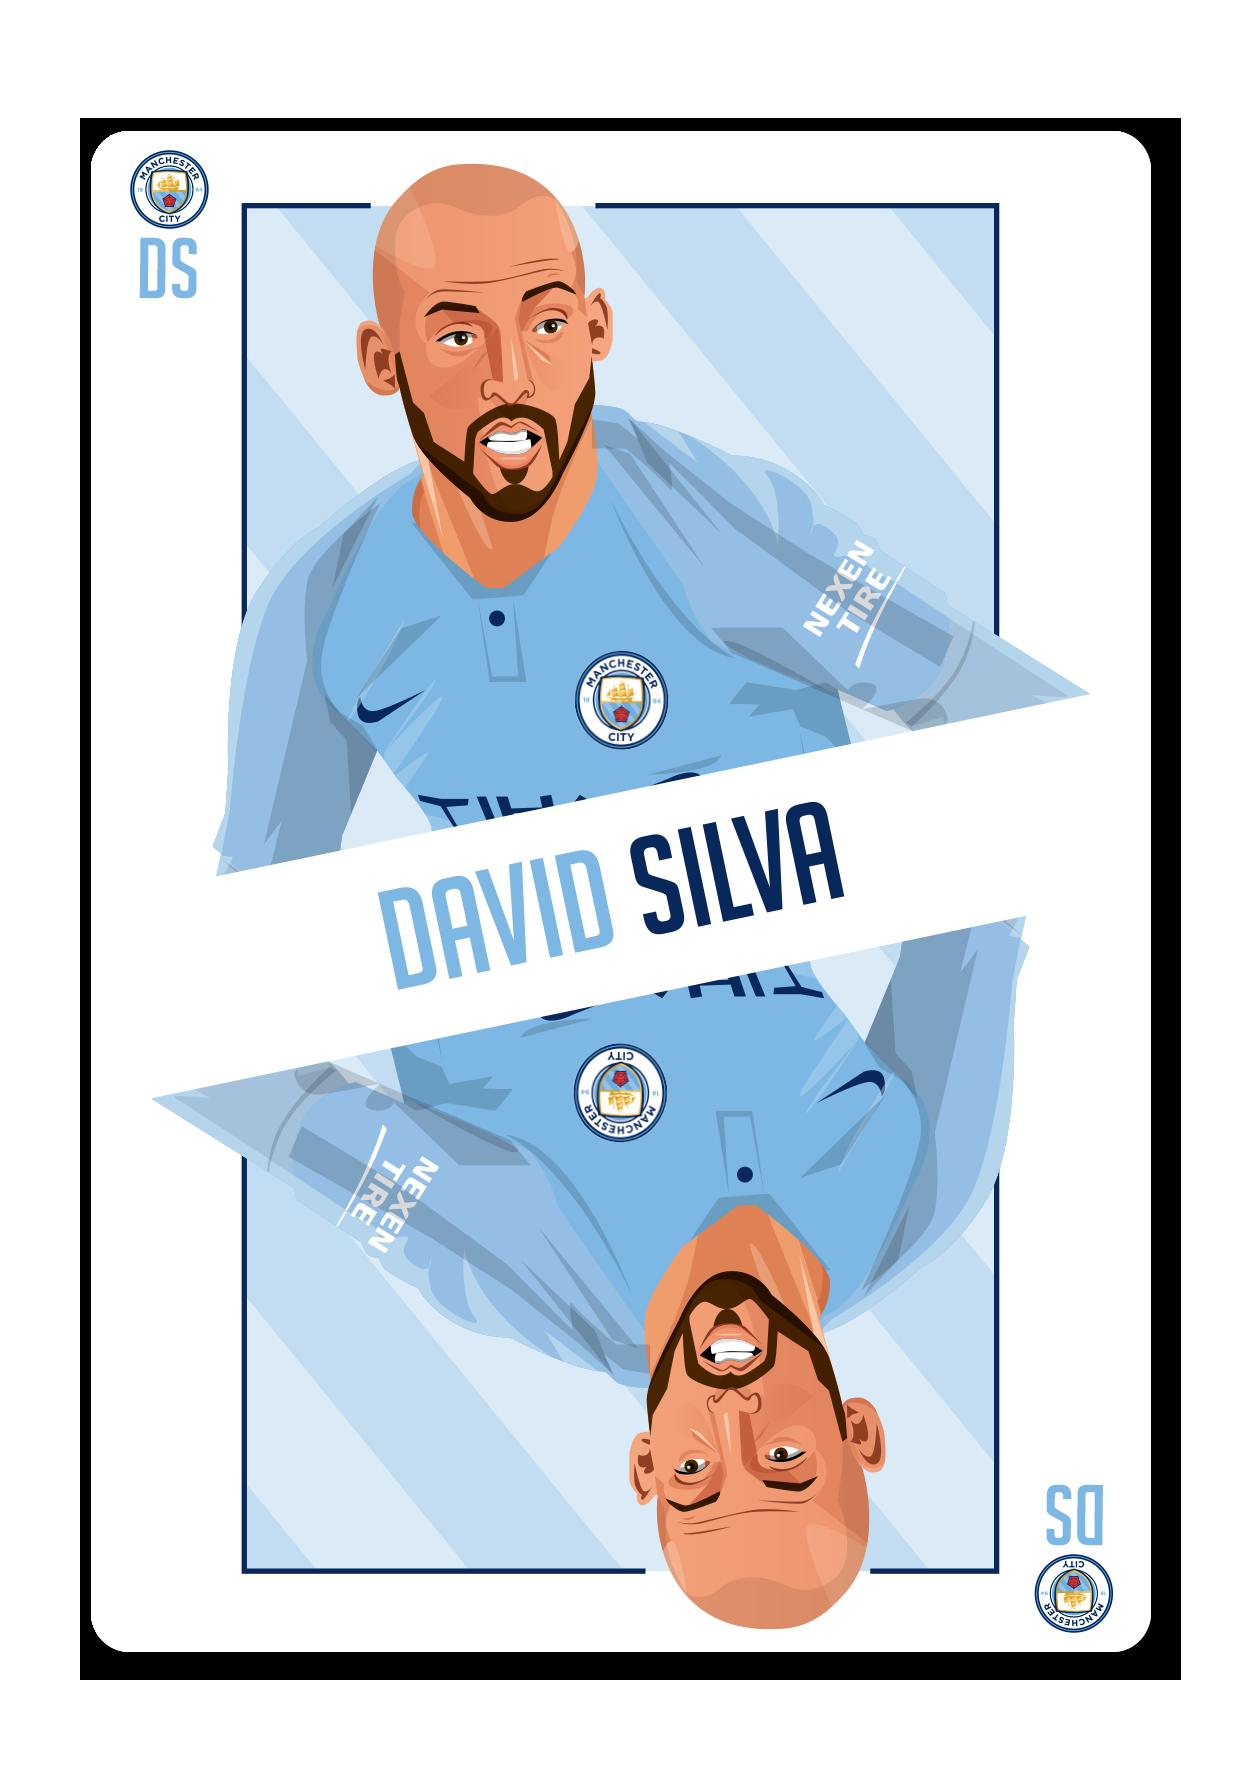 David-silva.png